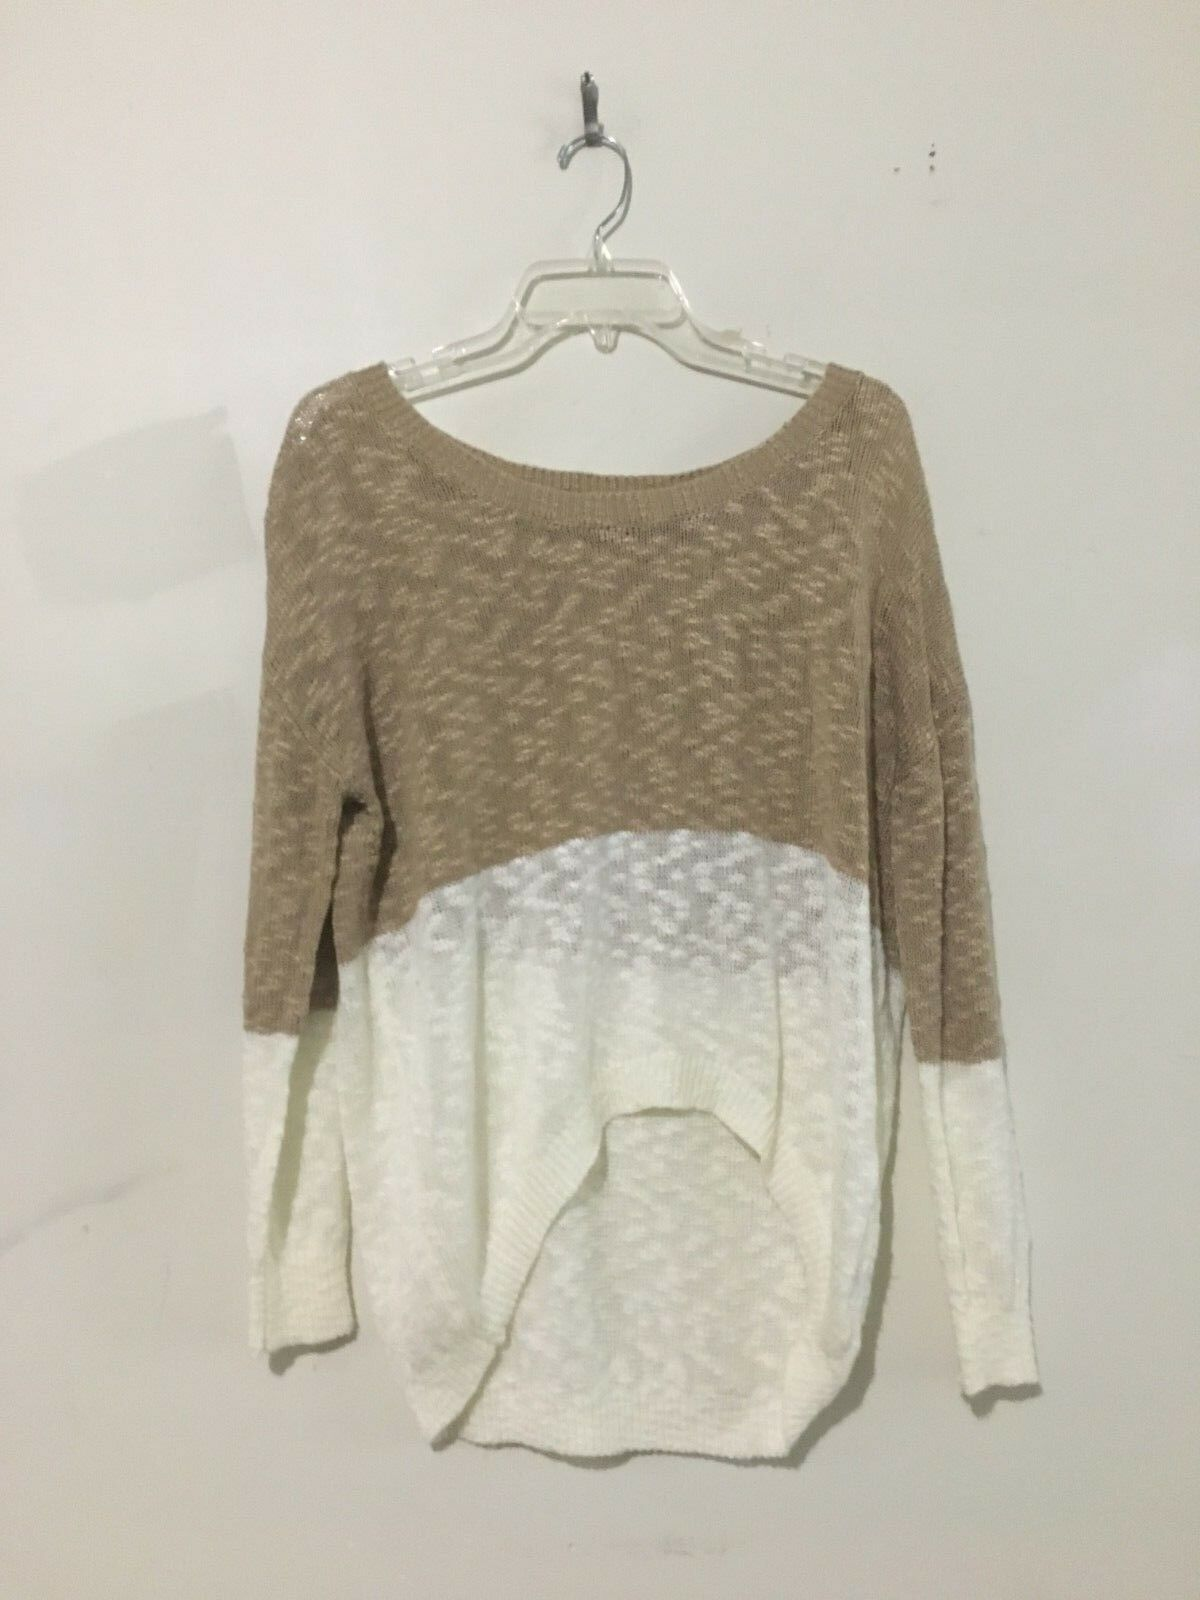 Papaya Tan Cream Sweater Women Top Blouse Stylish Size S Comfy StyleSW0005B